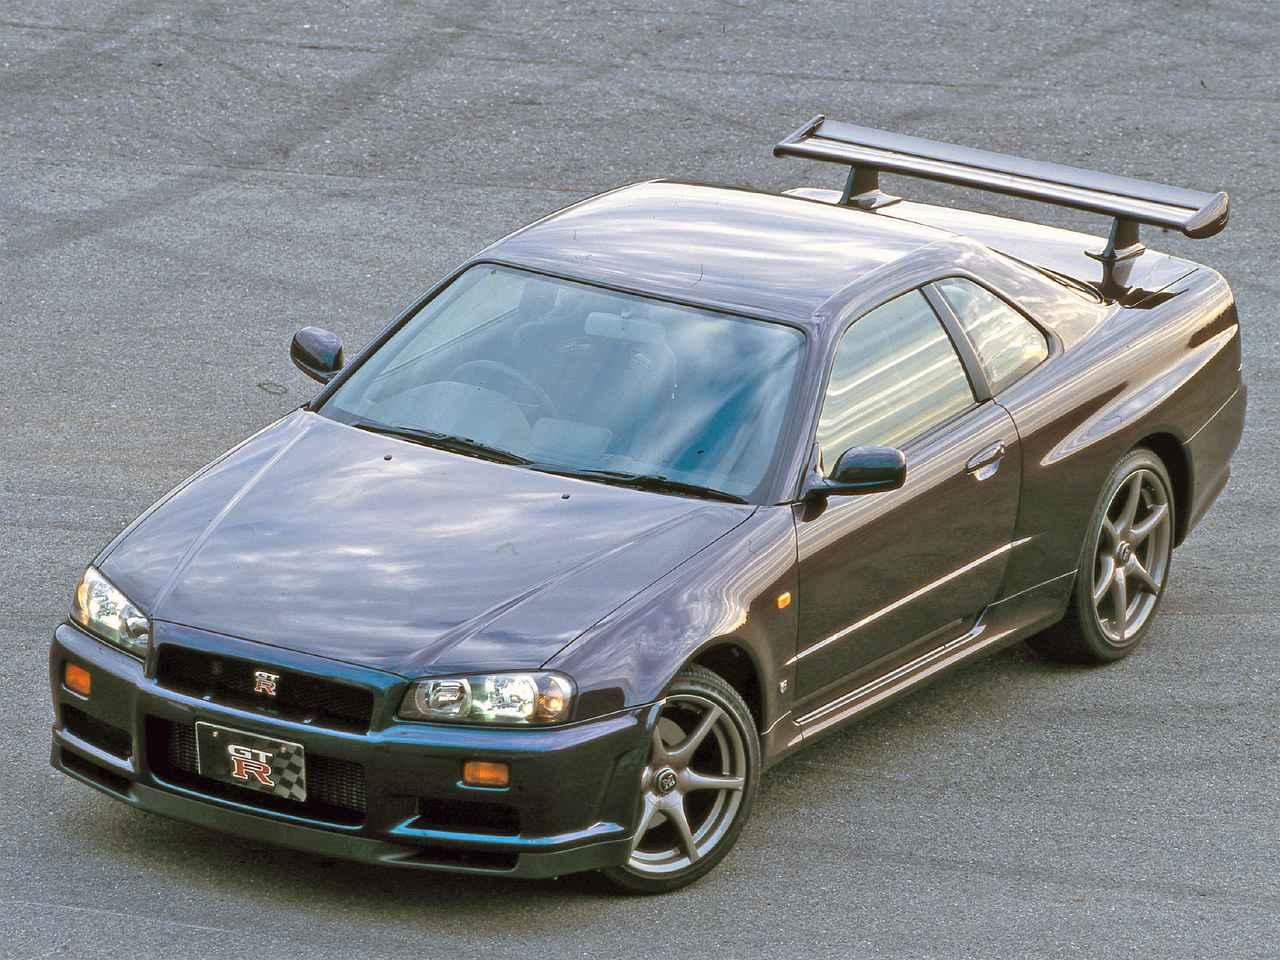 【平成スポーツPVランク第3位】日産 スカイラインGT-R(BNR34型:1999年1月発売)